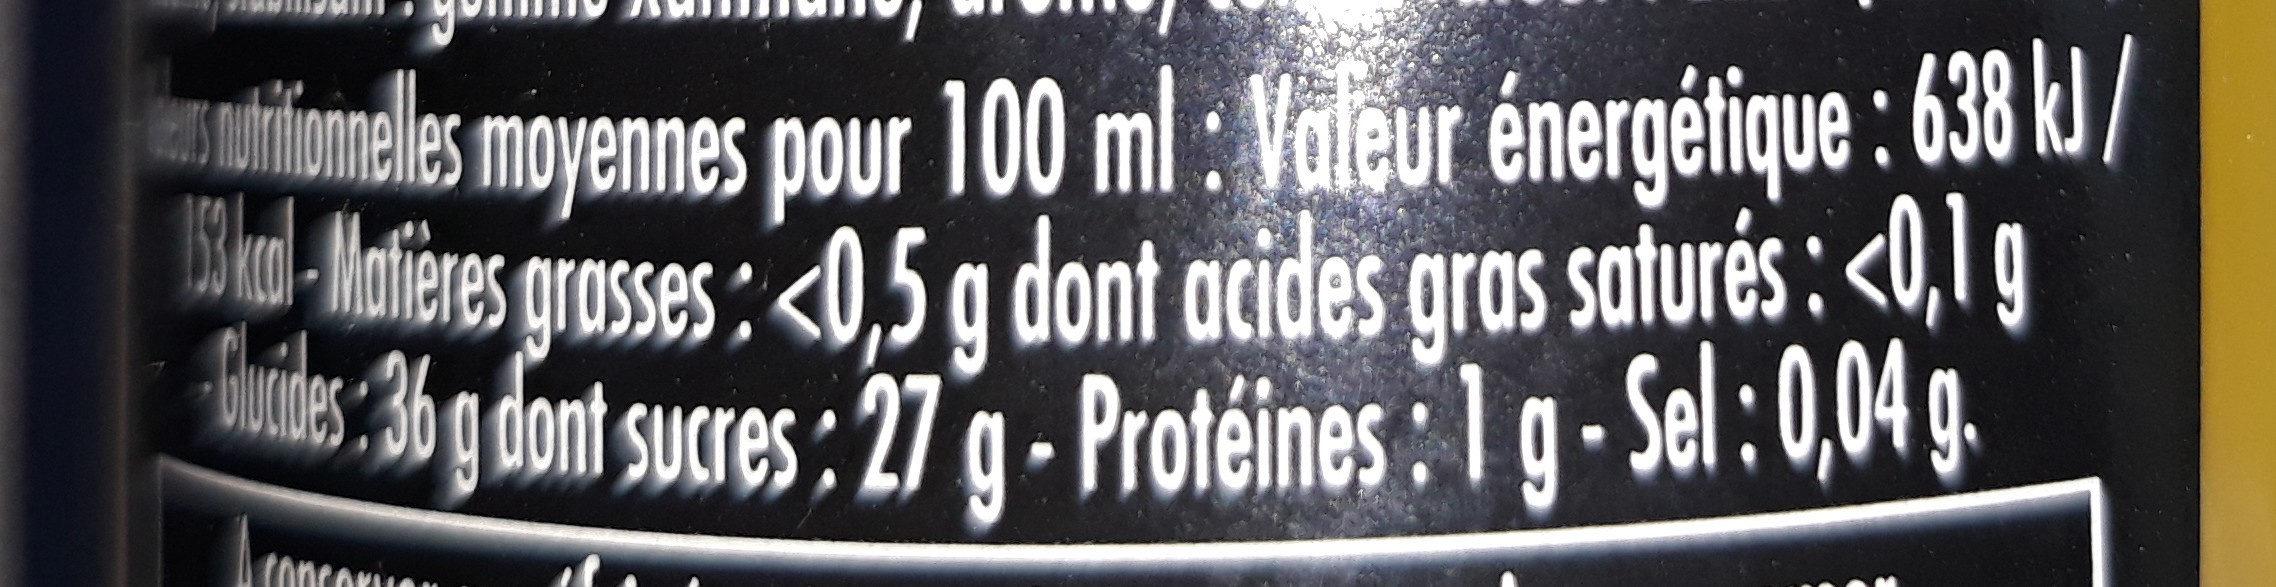 Velours de Vinaigre aux Agrumes - Voedigswaarden